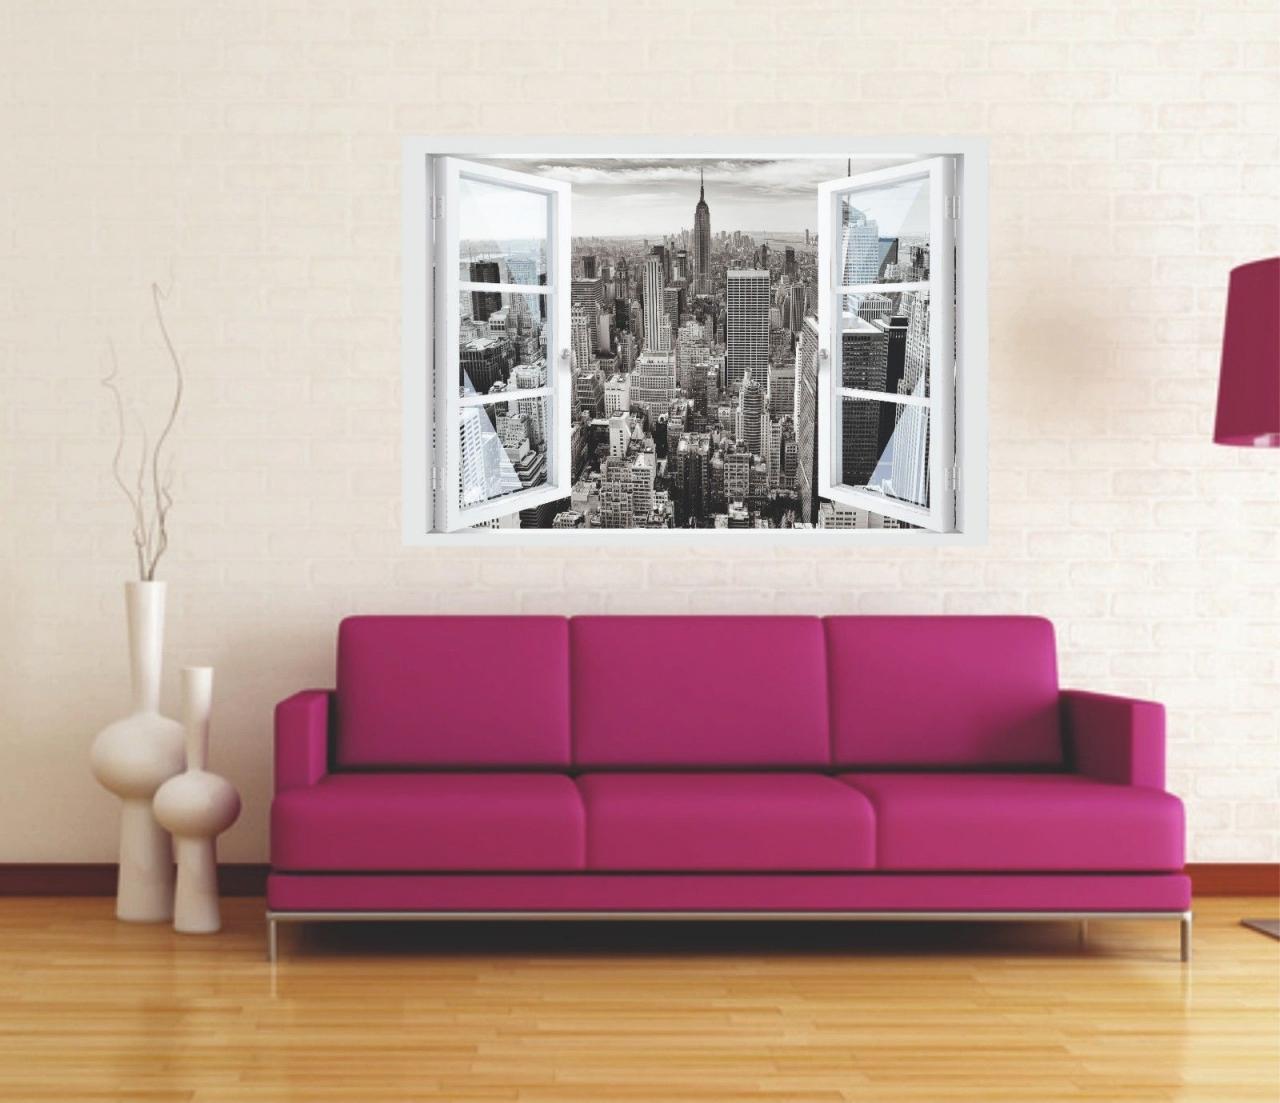 Wunderbar Wandtattoo New York Das Beste Von Fenster 3d Optik Wandsticker Aufkleber Deko Bild